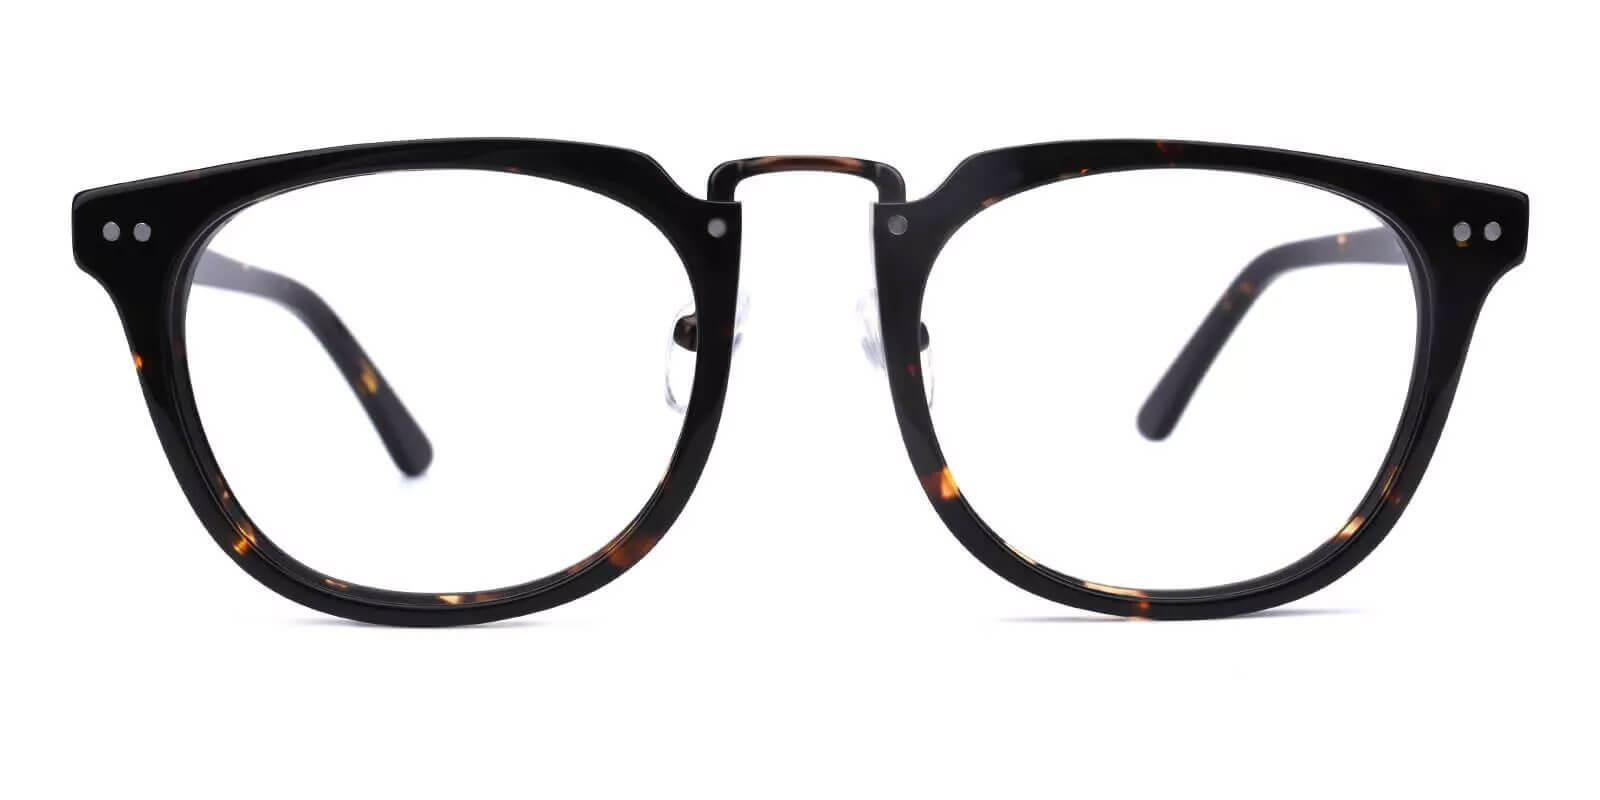 Latrobe Tortoise Acetate Eyeglasses , NosePads Frames from ABBE Glasses